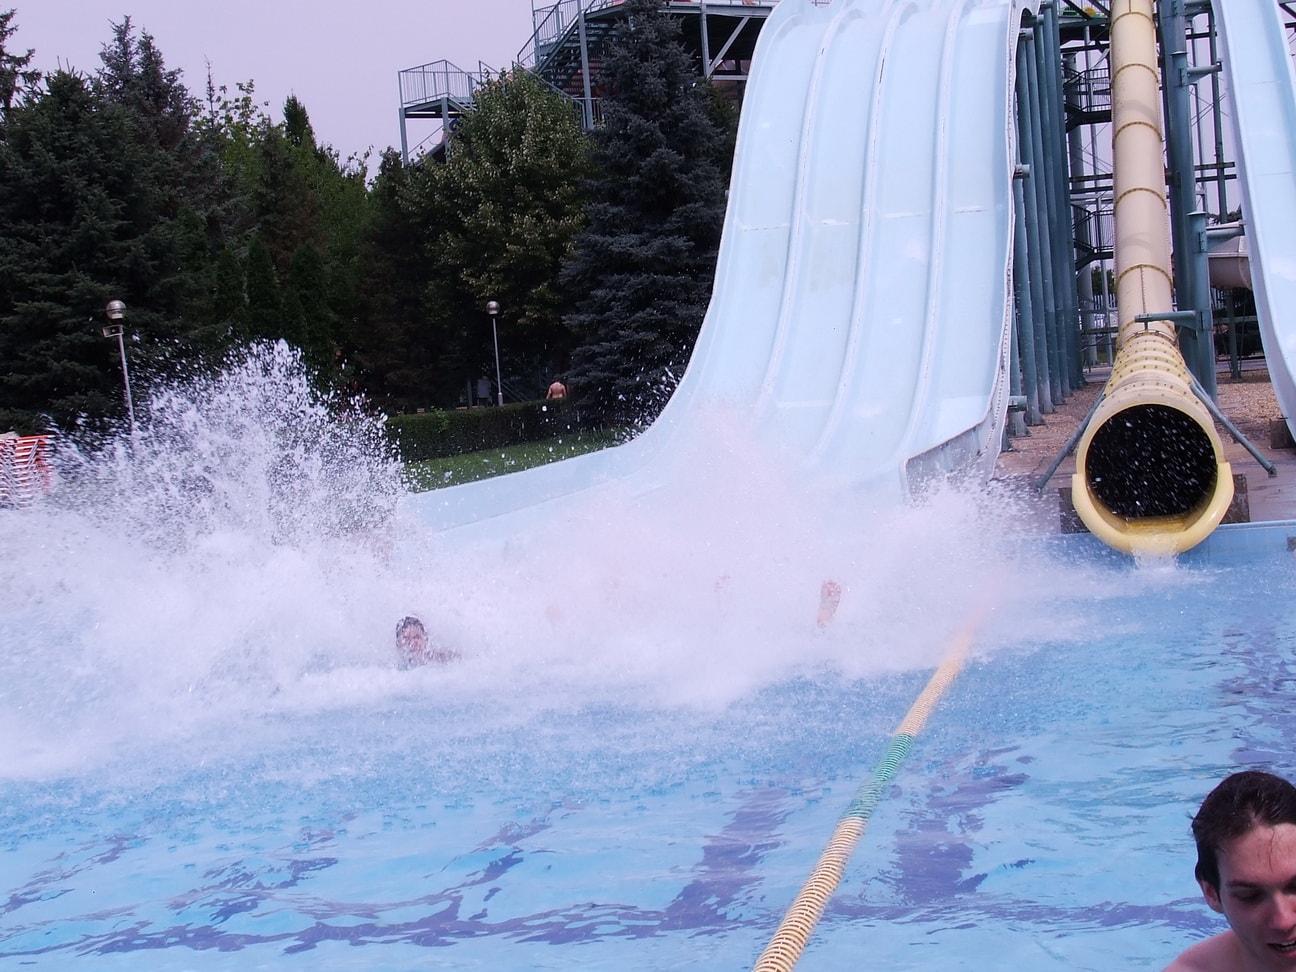 A hajdúszoboszlói aquapark azoknak való, akik szeretik az aktiv kikapcsolódást